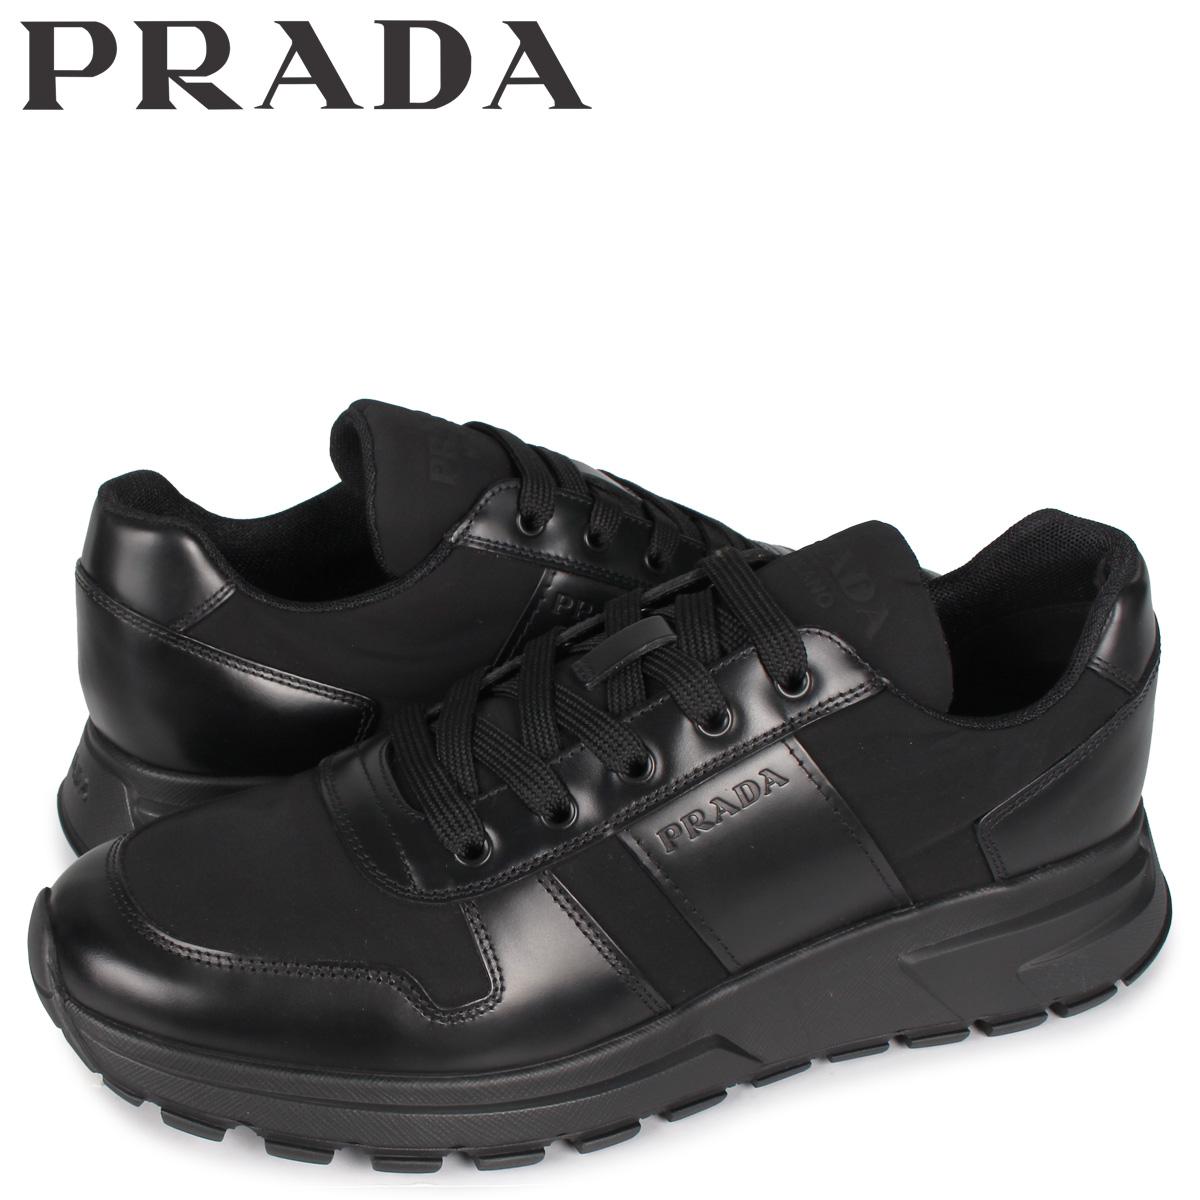 プラダ PRADA スニーカー メンズ PRAX 01 SNEAKER NYLON ブラック 黒 4E3463 [5/4 新入荷]